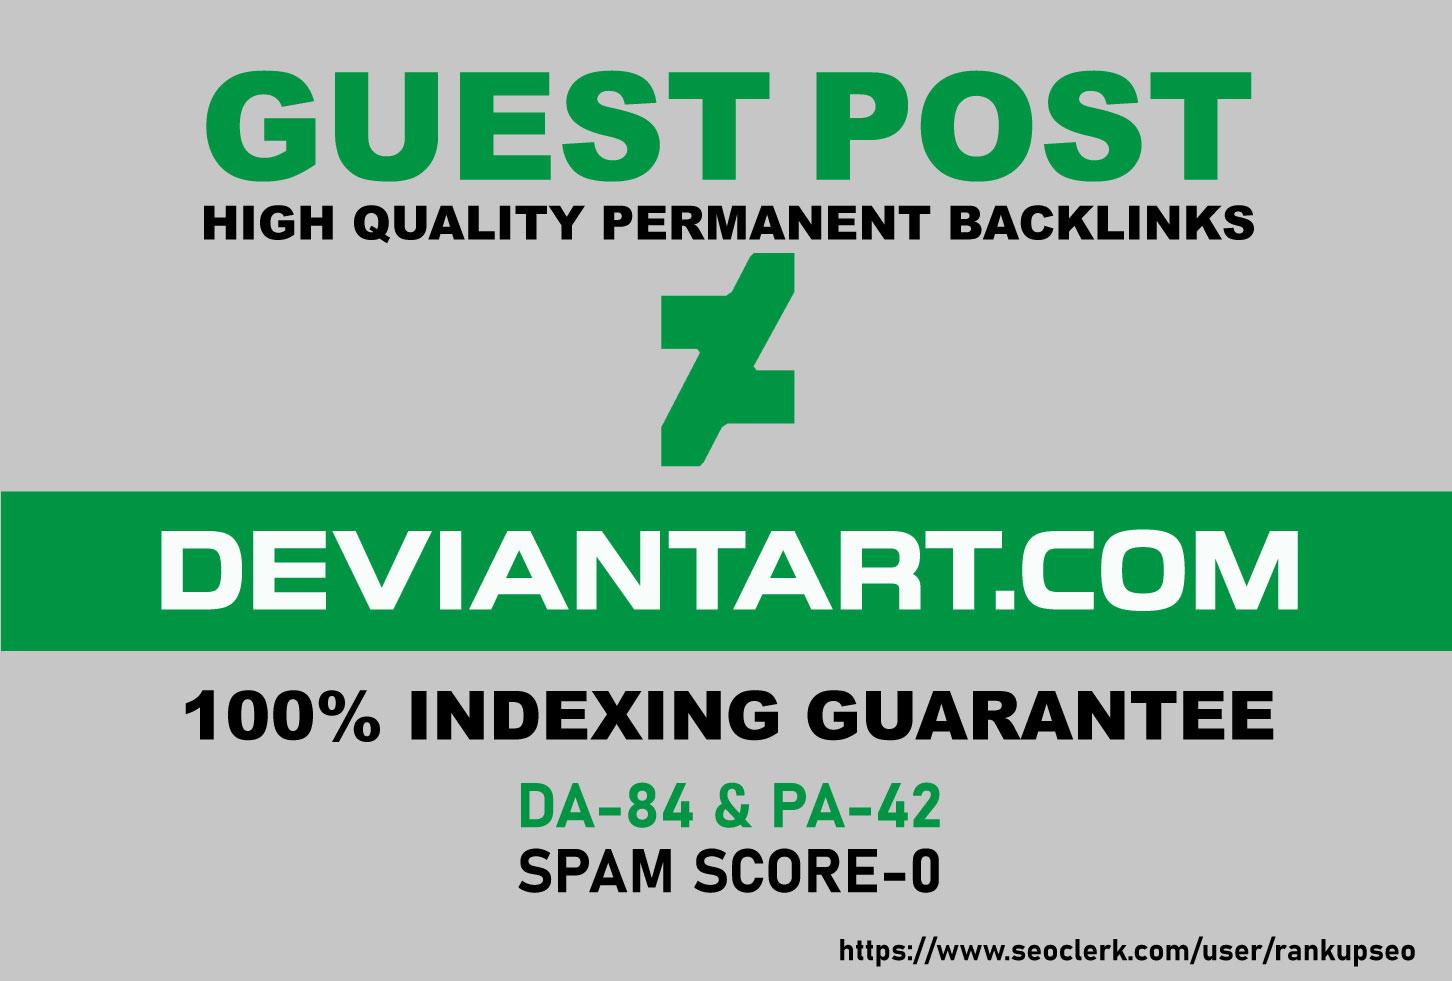 Publish A Guest Blog Post On deviantart. com DA-84 With 100% Indexing guarantee